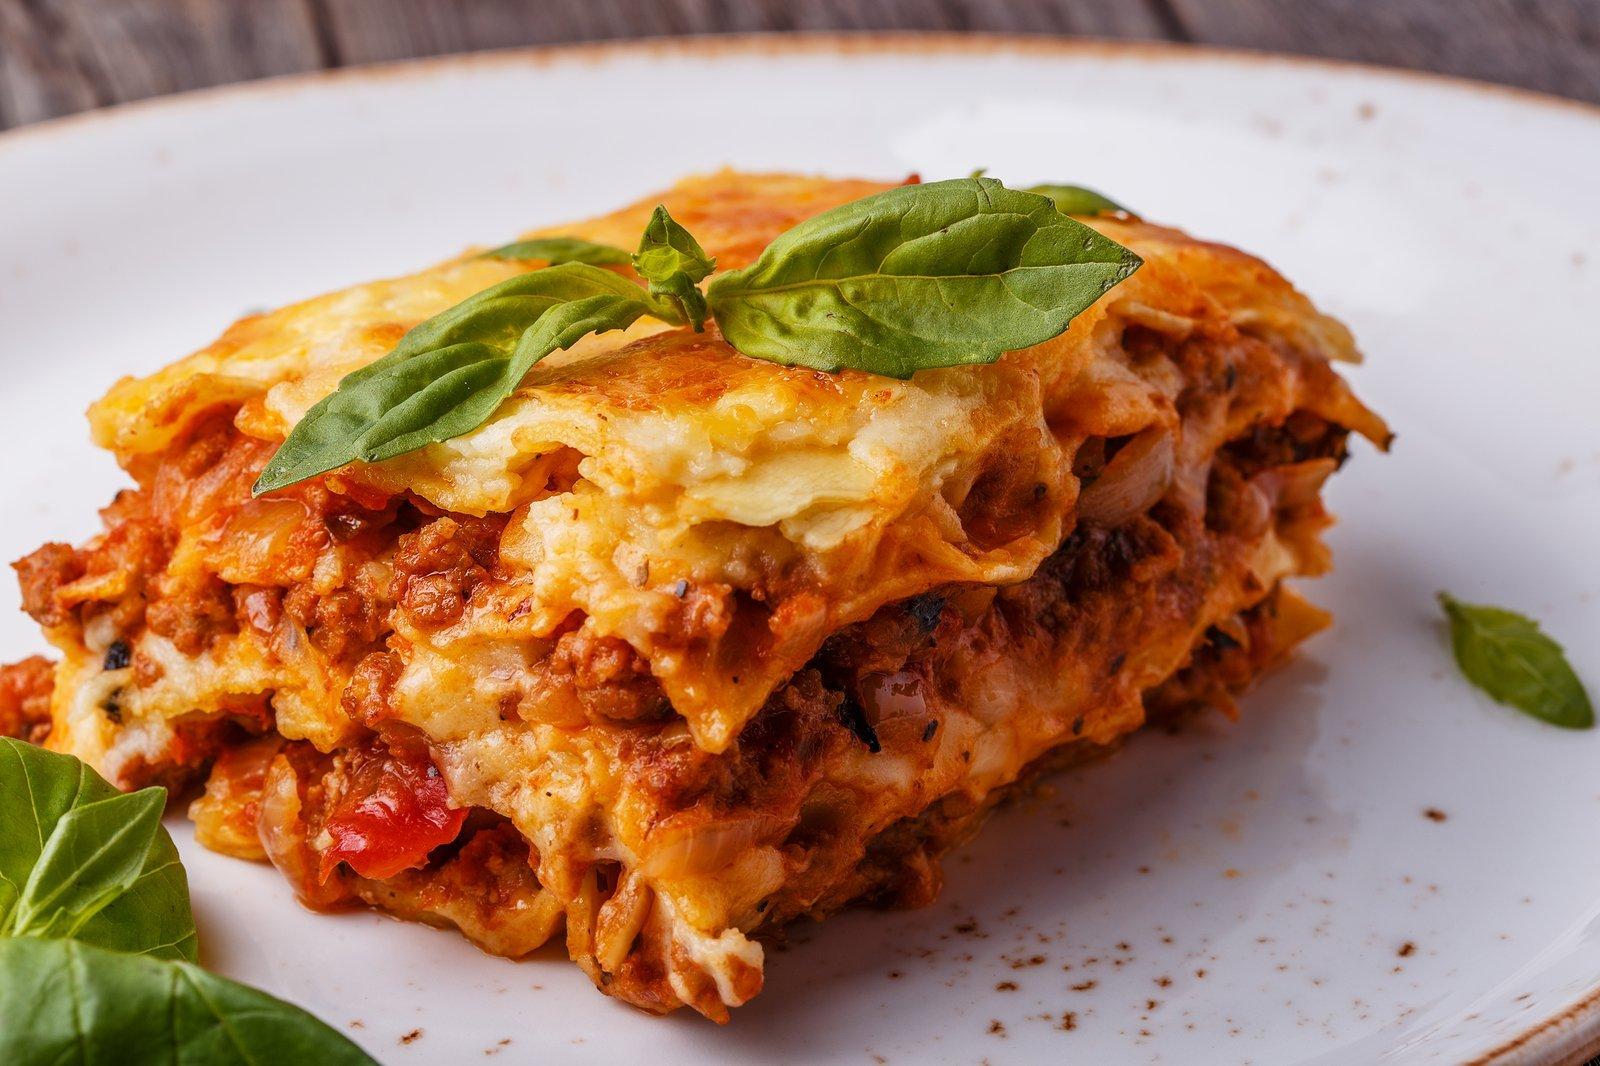 Mouth watering Lasagna